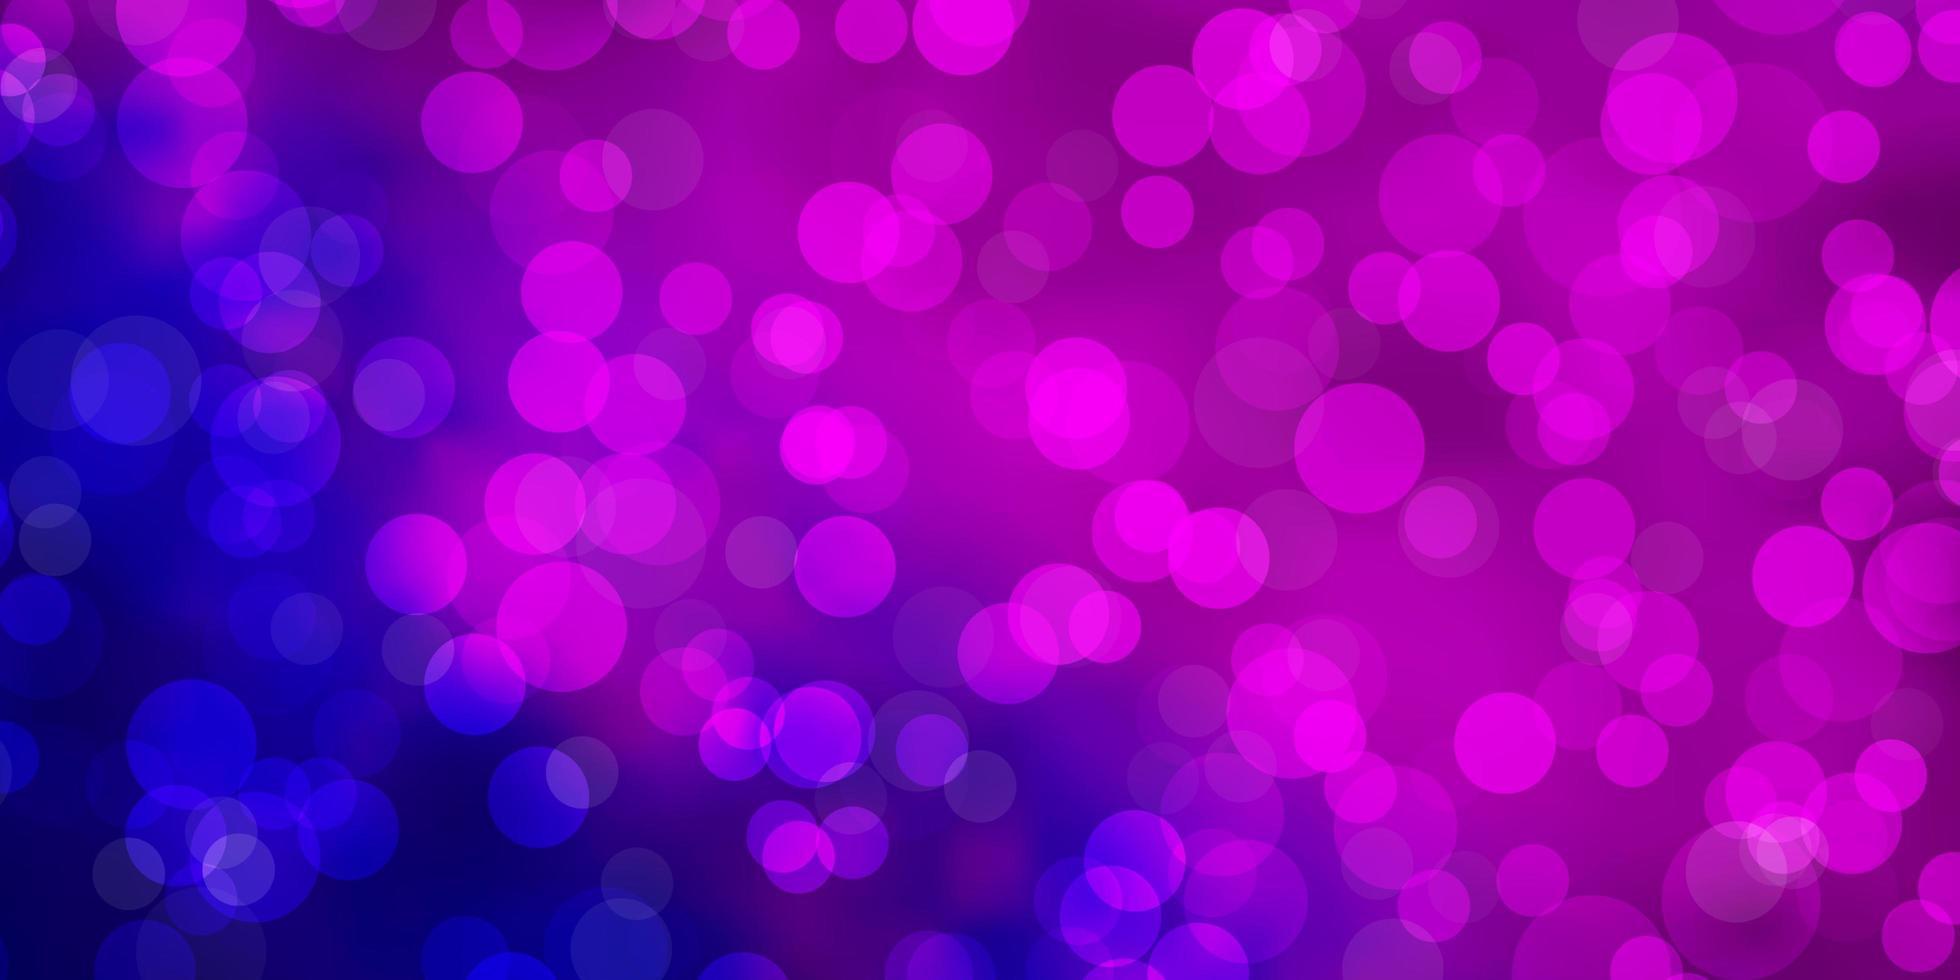 sfondo rosa, blu con bolle. vettore